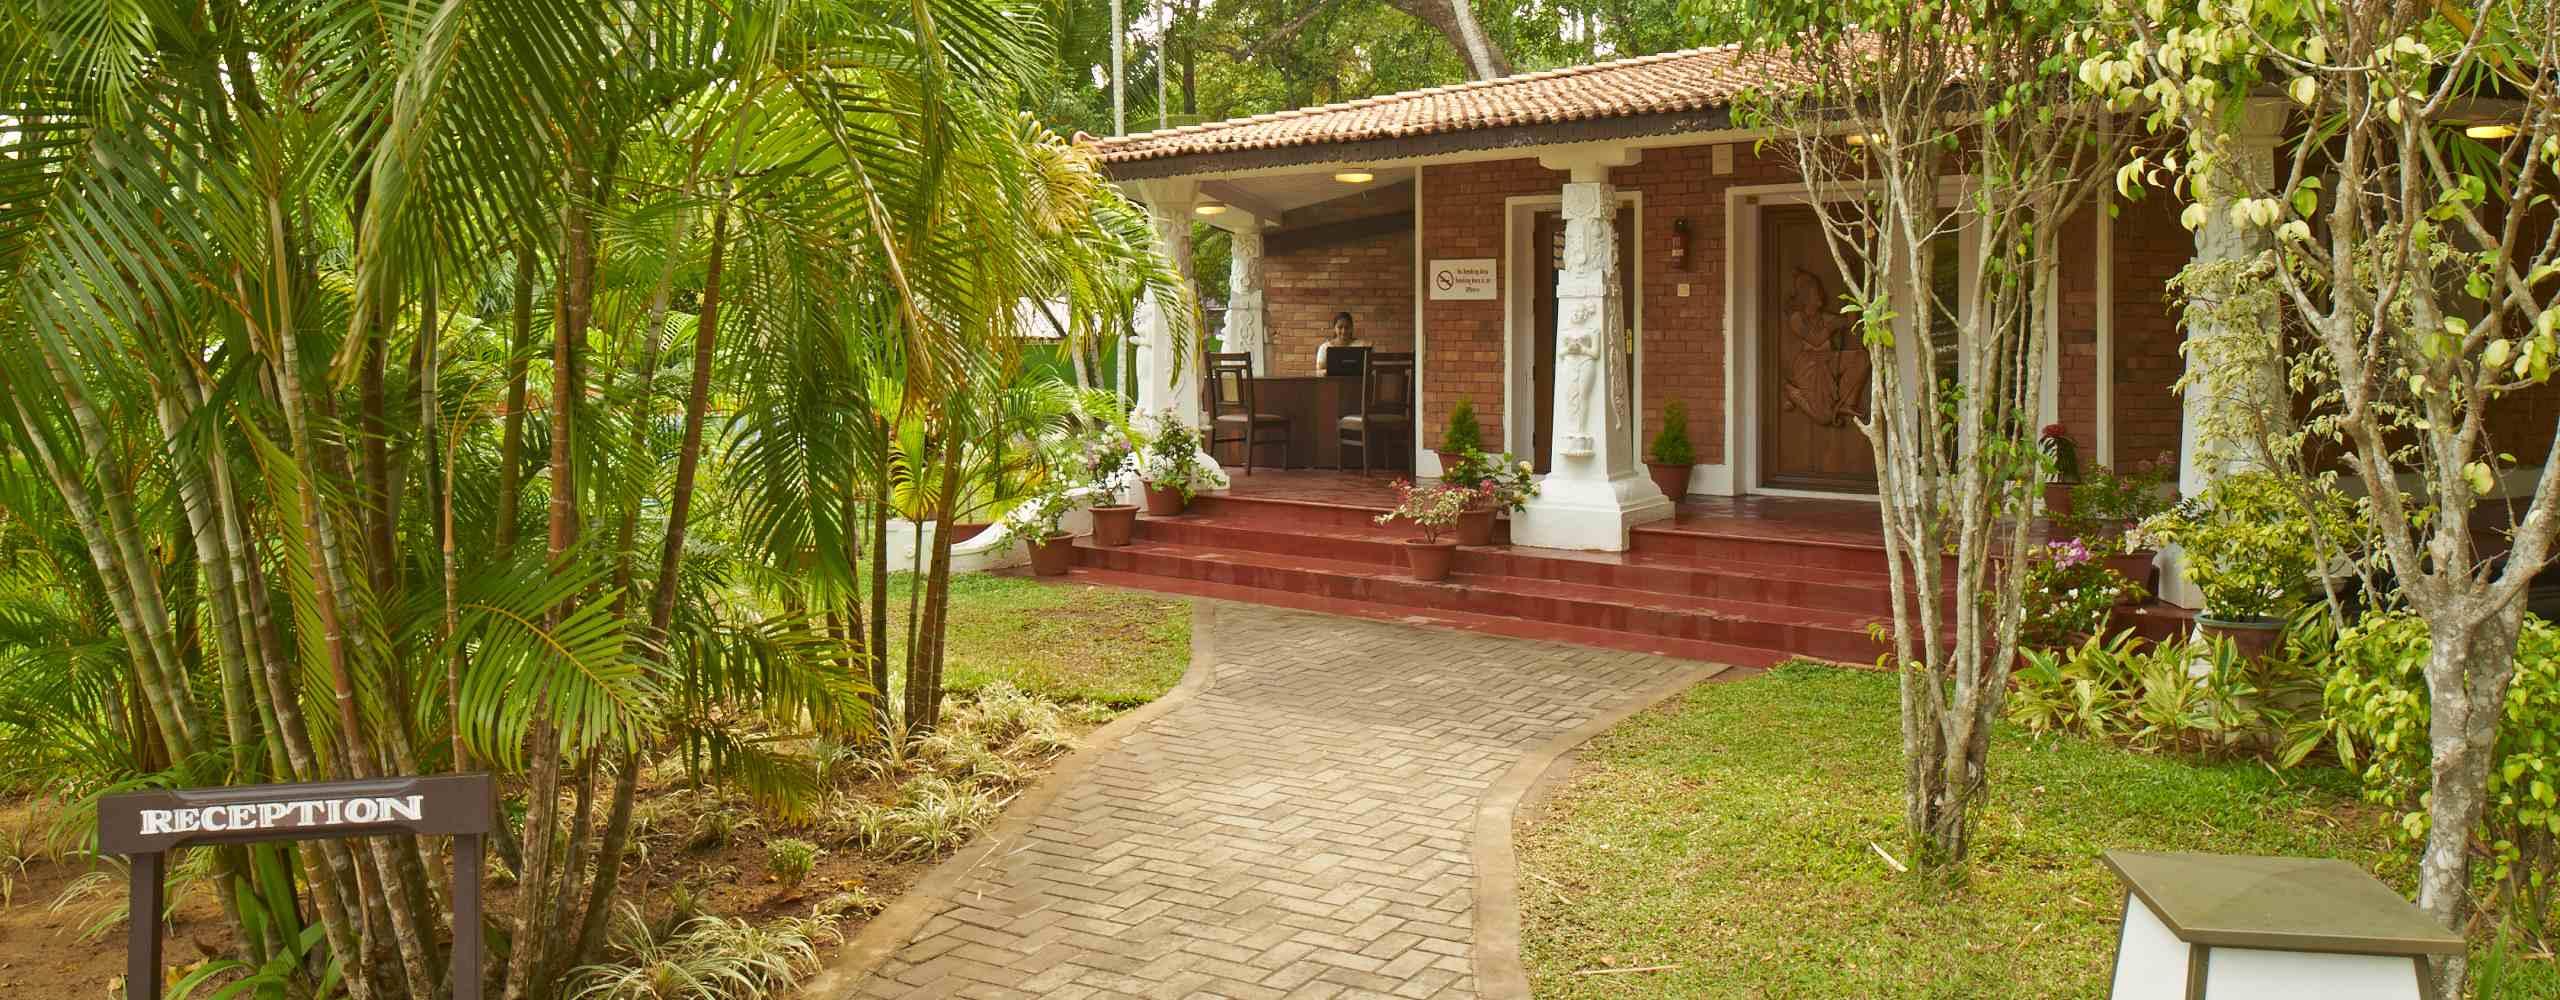 Club Mahindra Ashtamudi Kerala Image